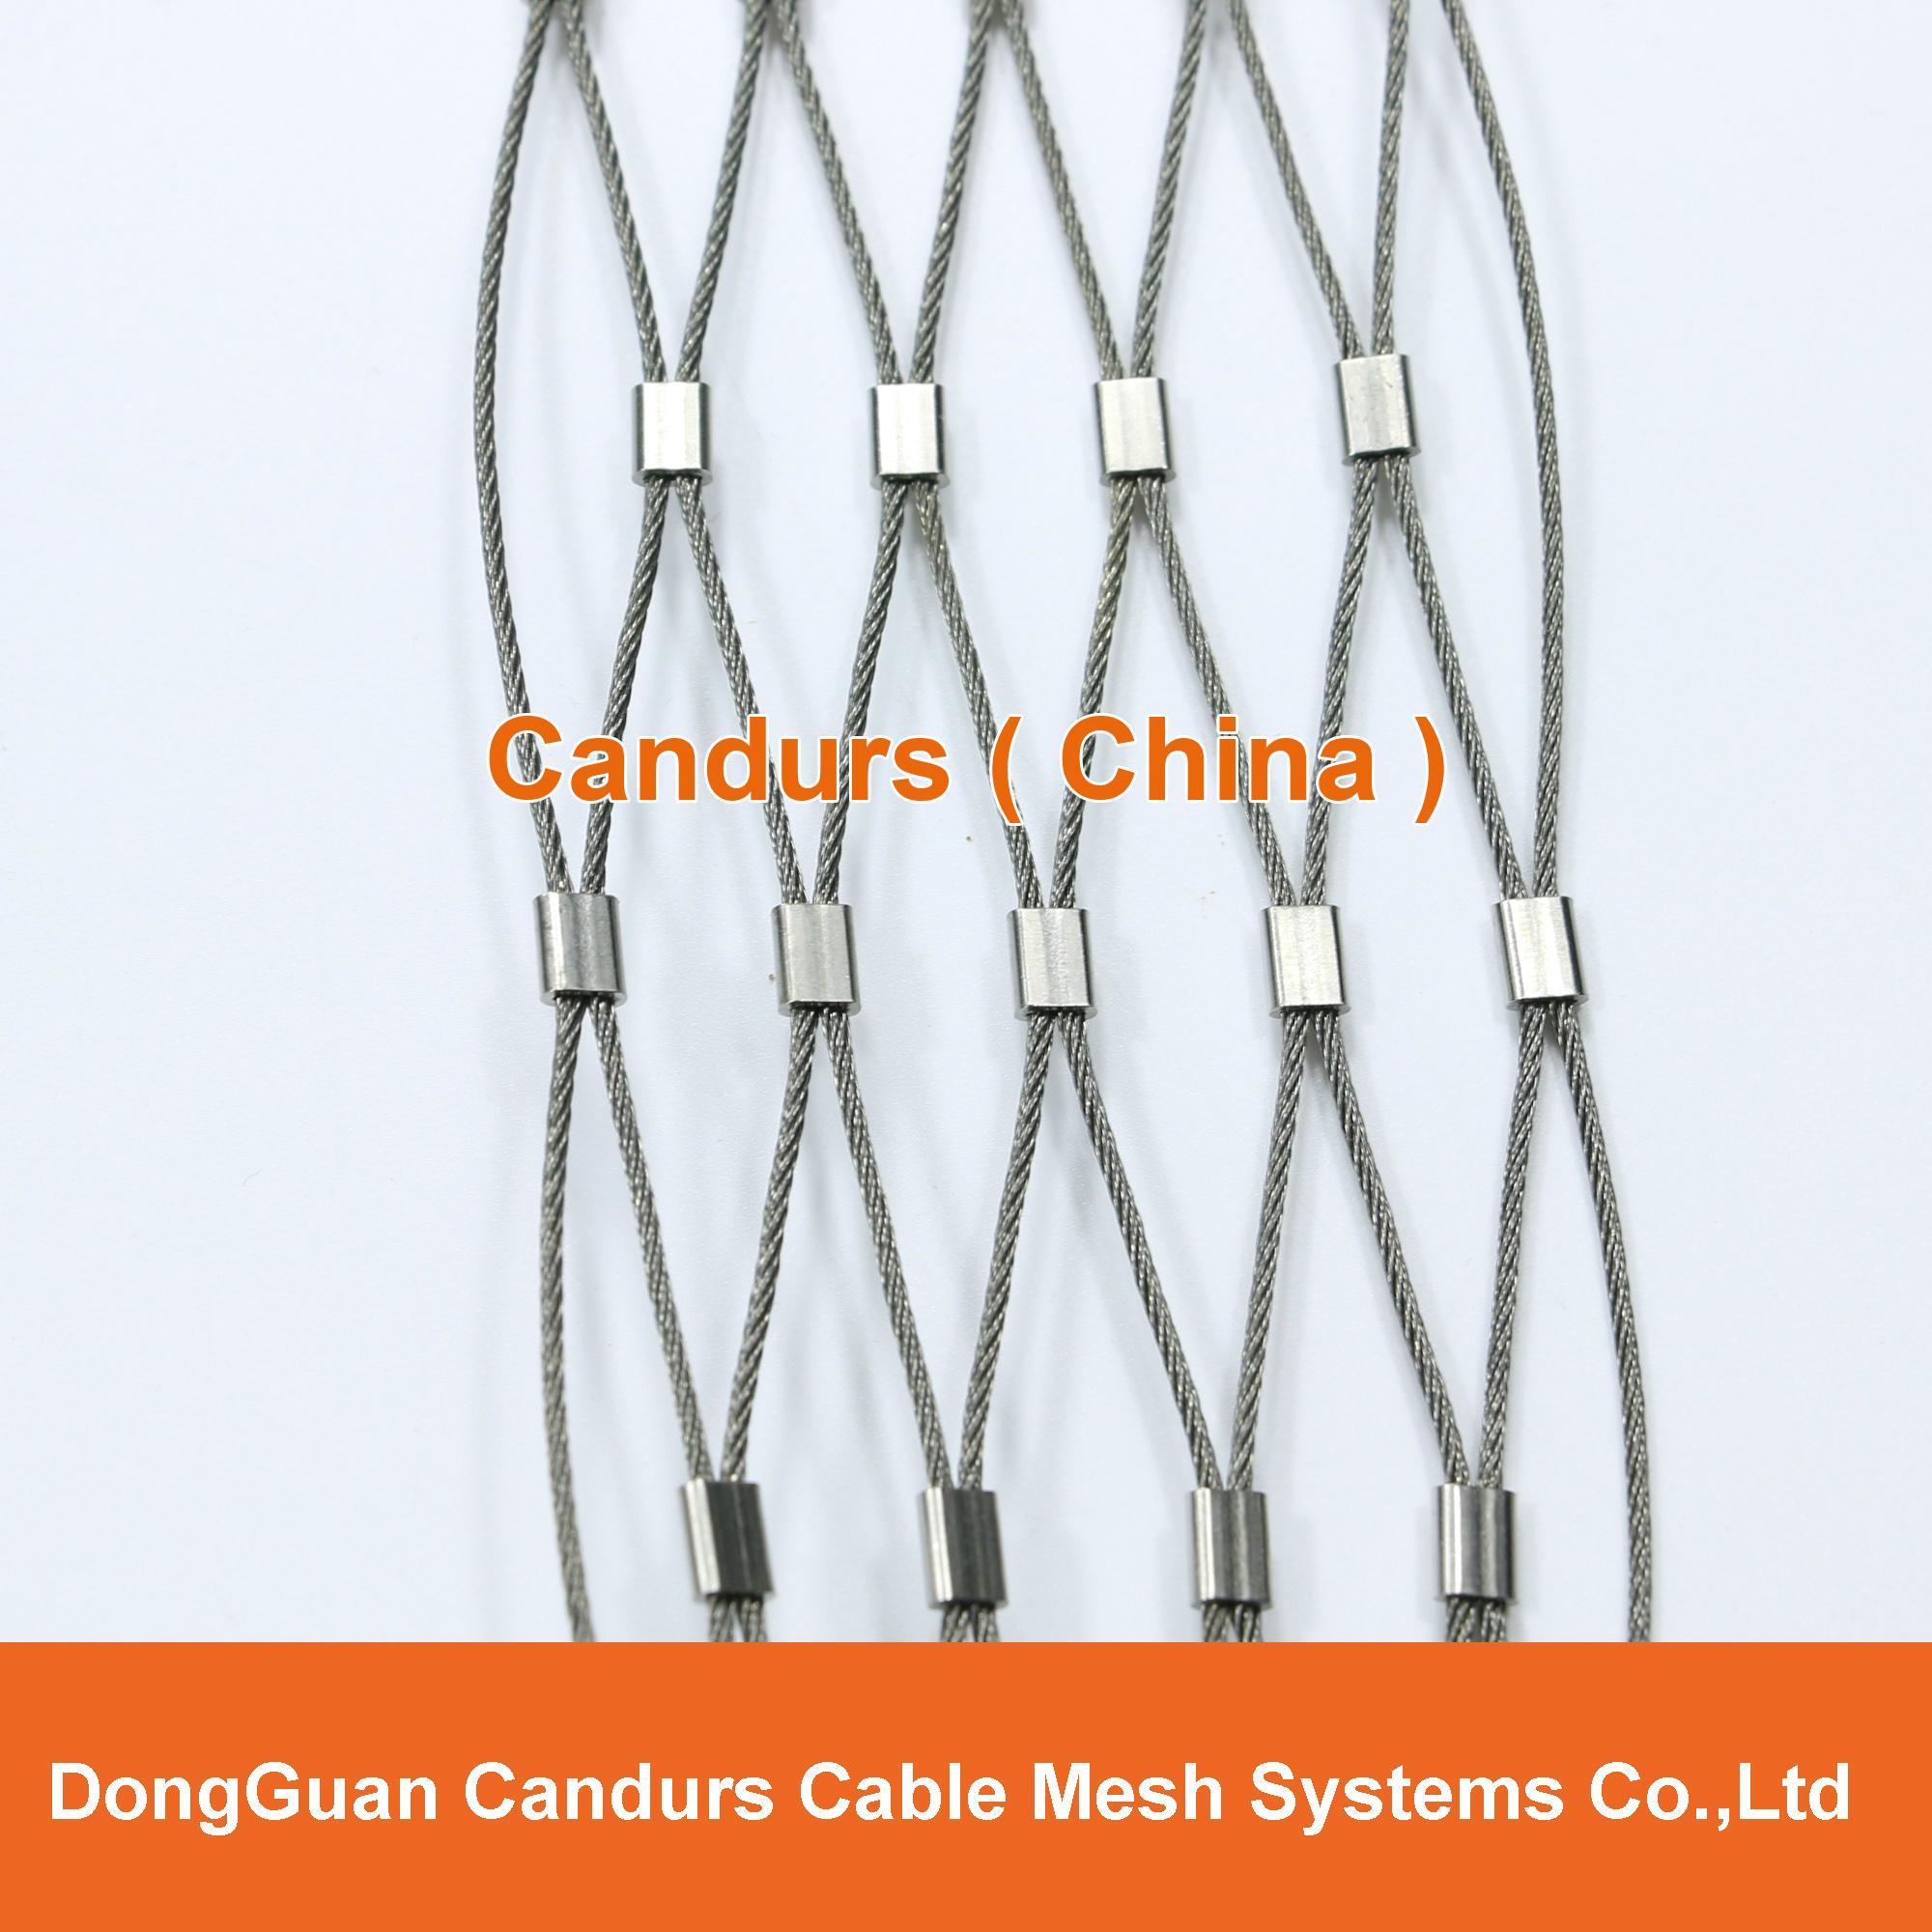 不锈钢丝绳耐用楼梯防护安全网 9